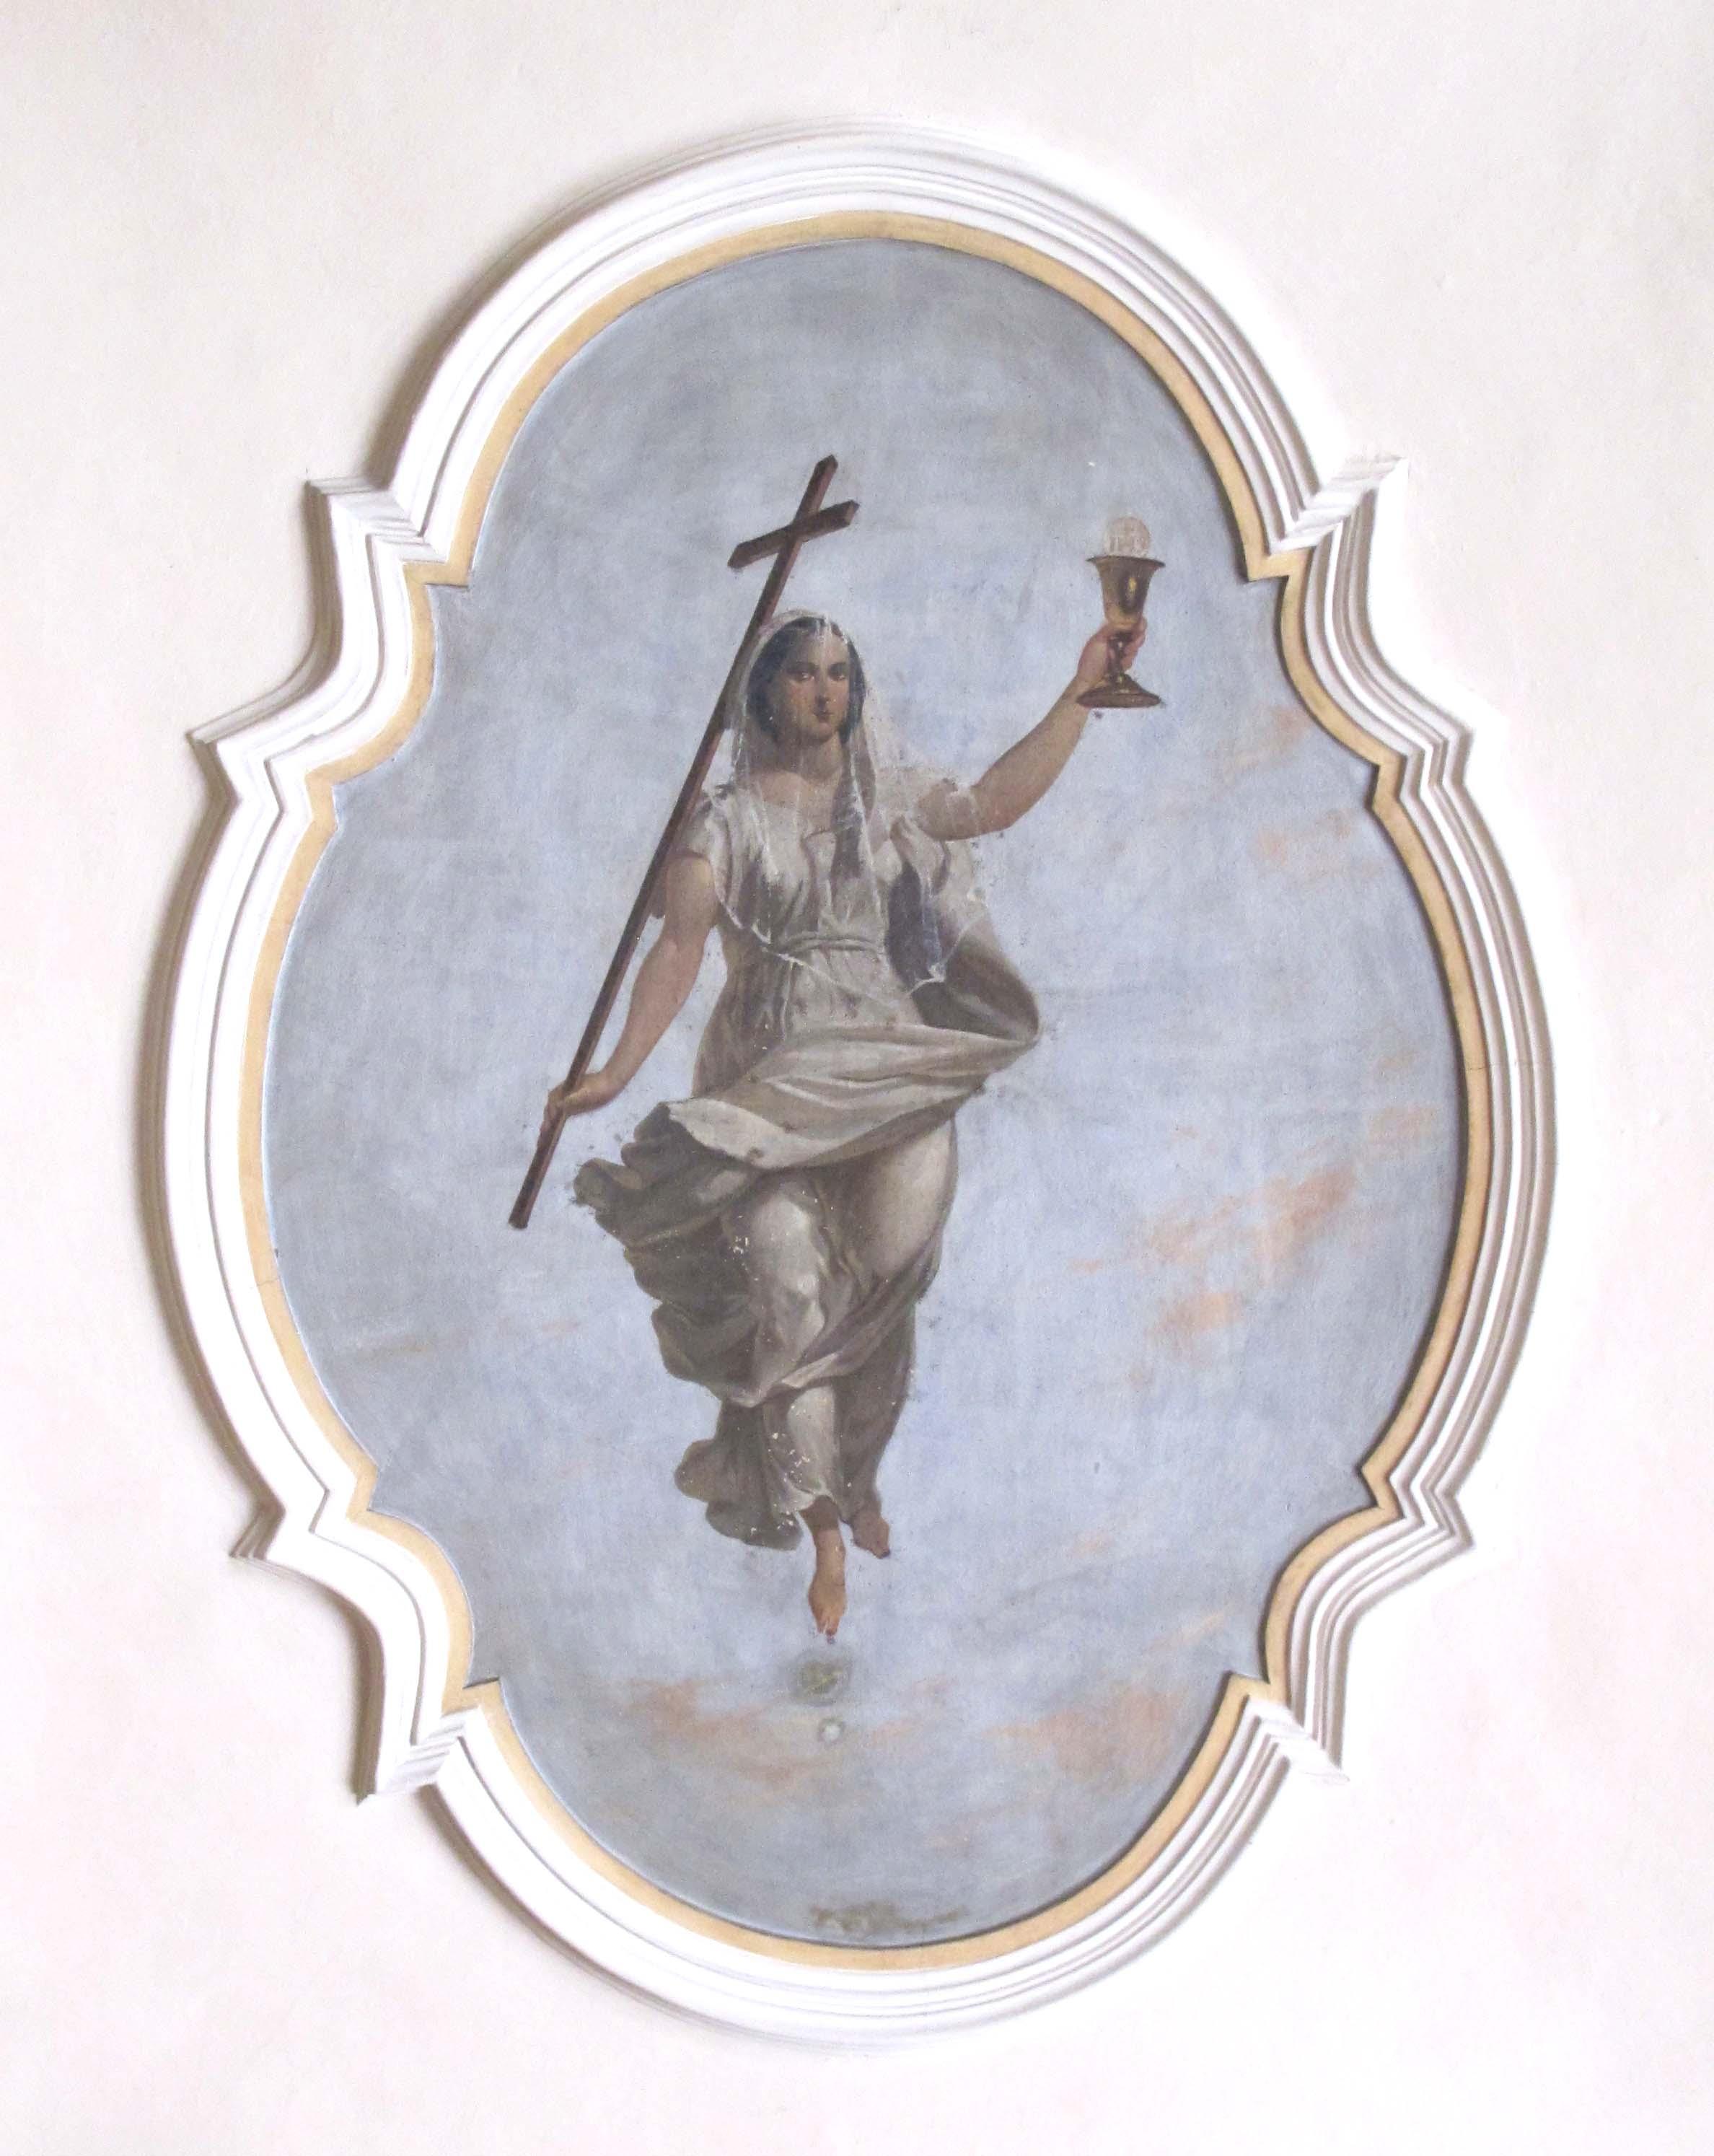 IGNOTO AUTORE LOCALE, La Fede (inizio sec. XX).